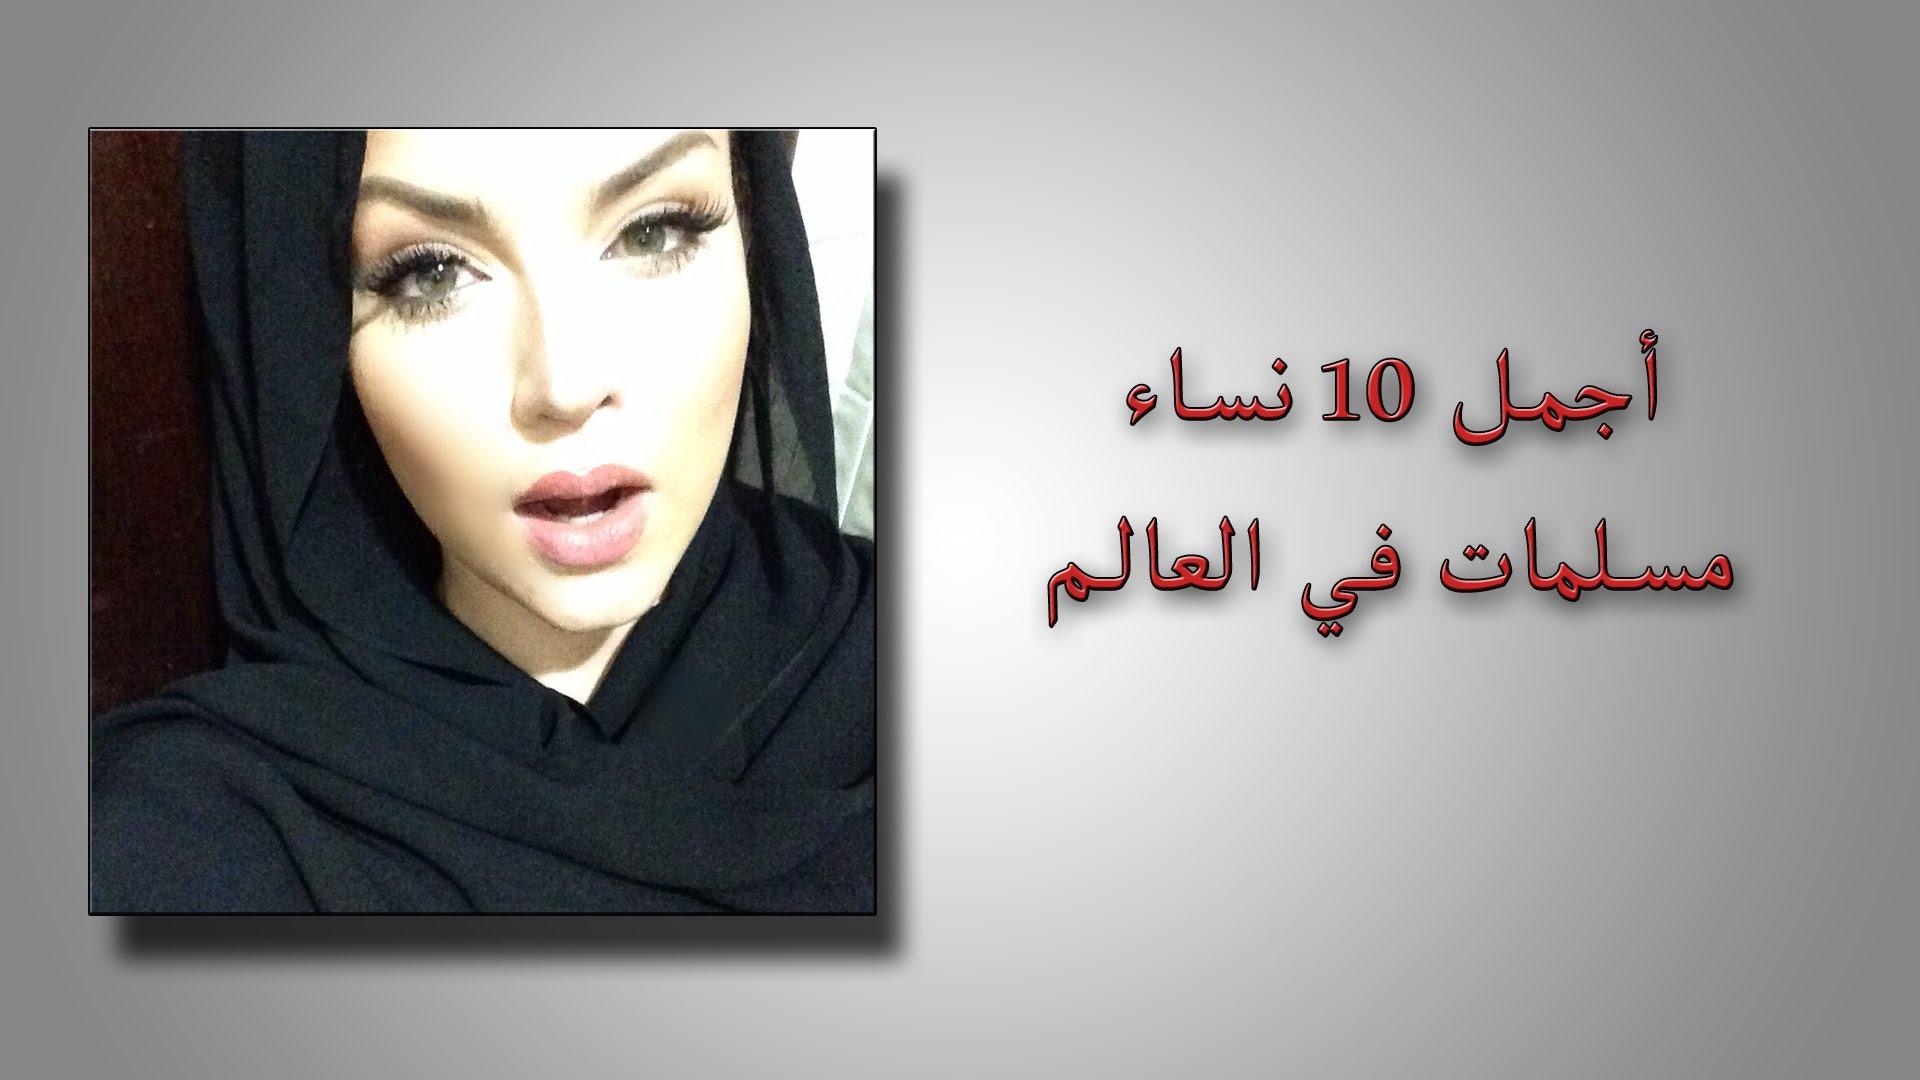 بالصور أجمل 10 نساء مسلمات في العالم الوطن